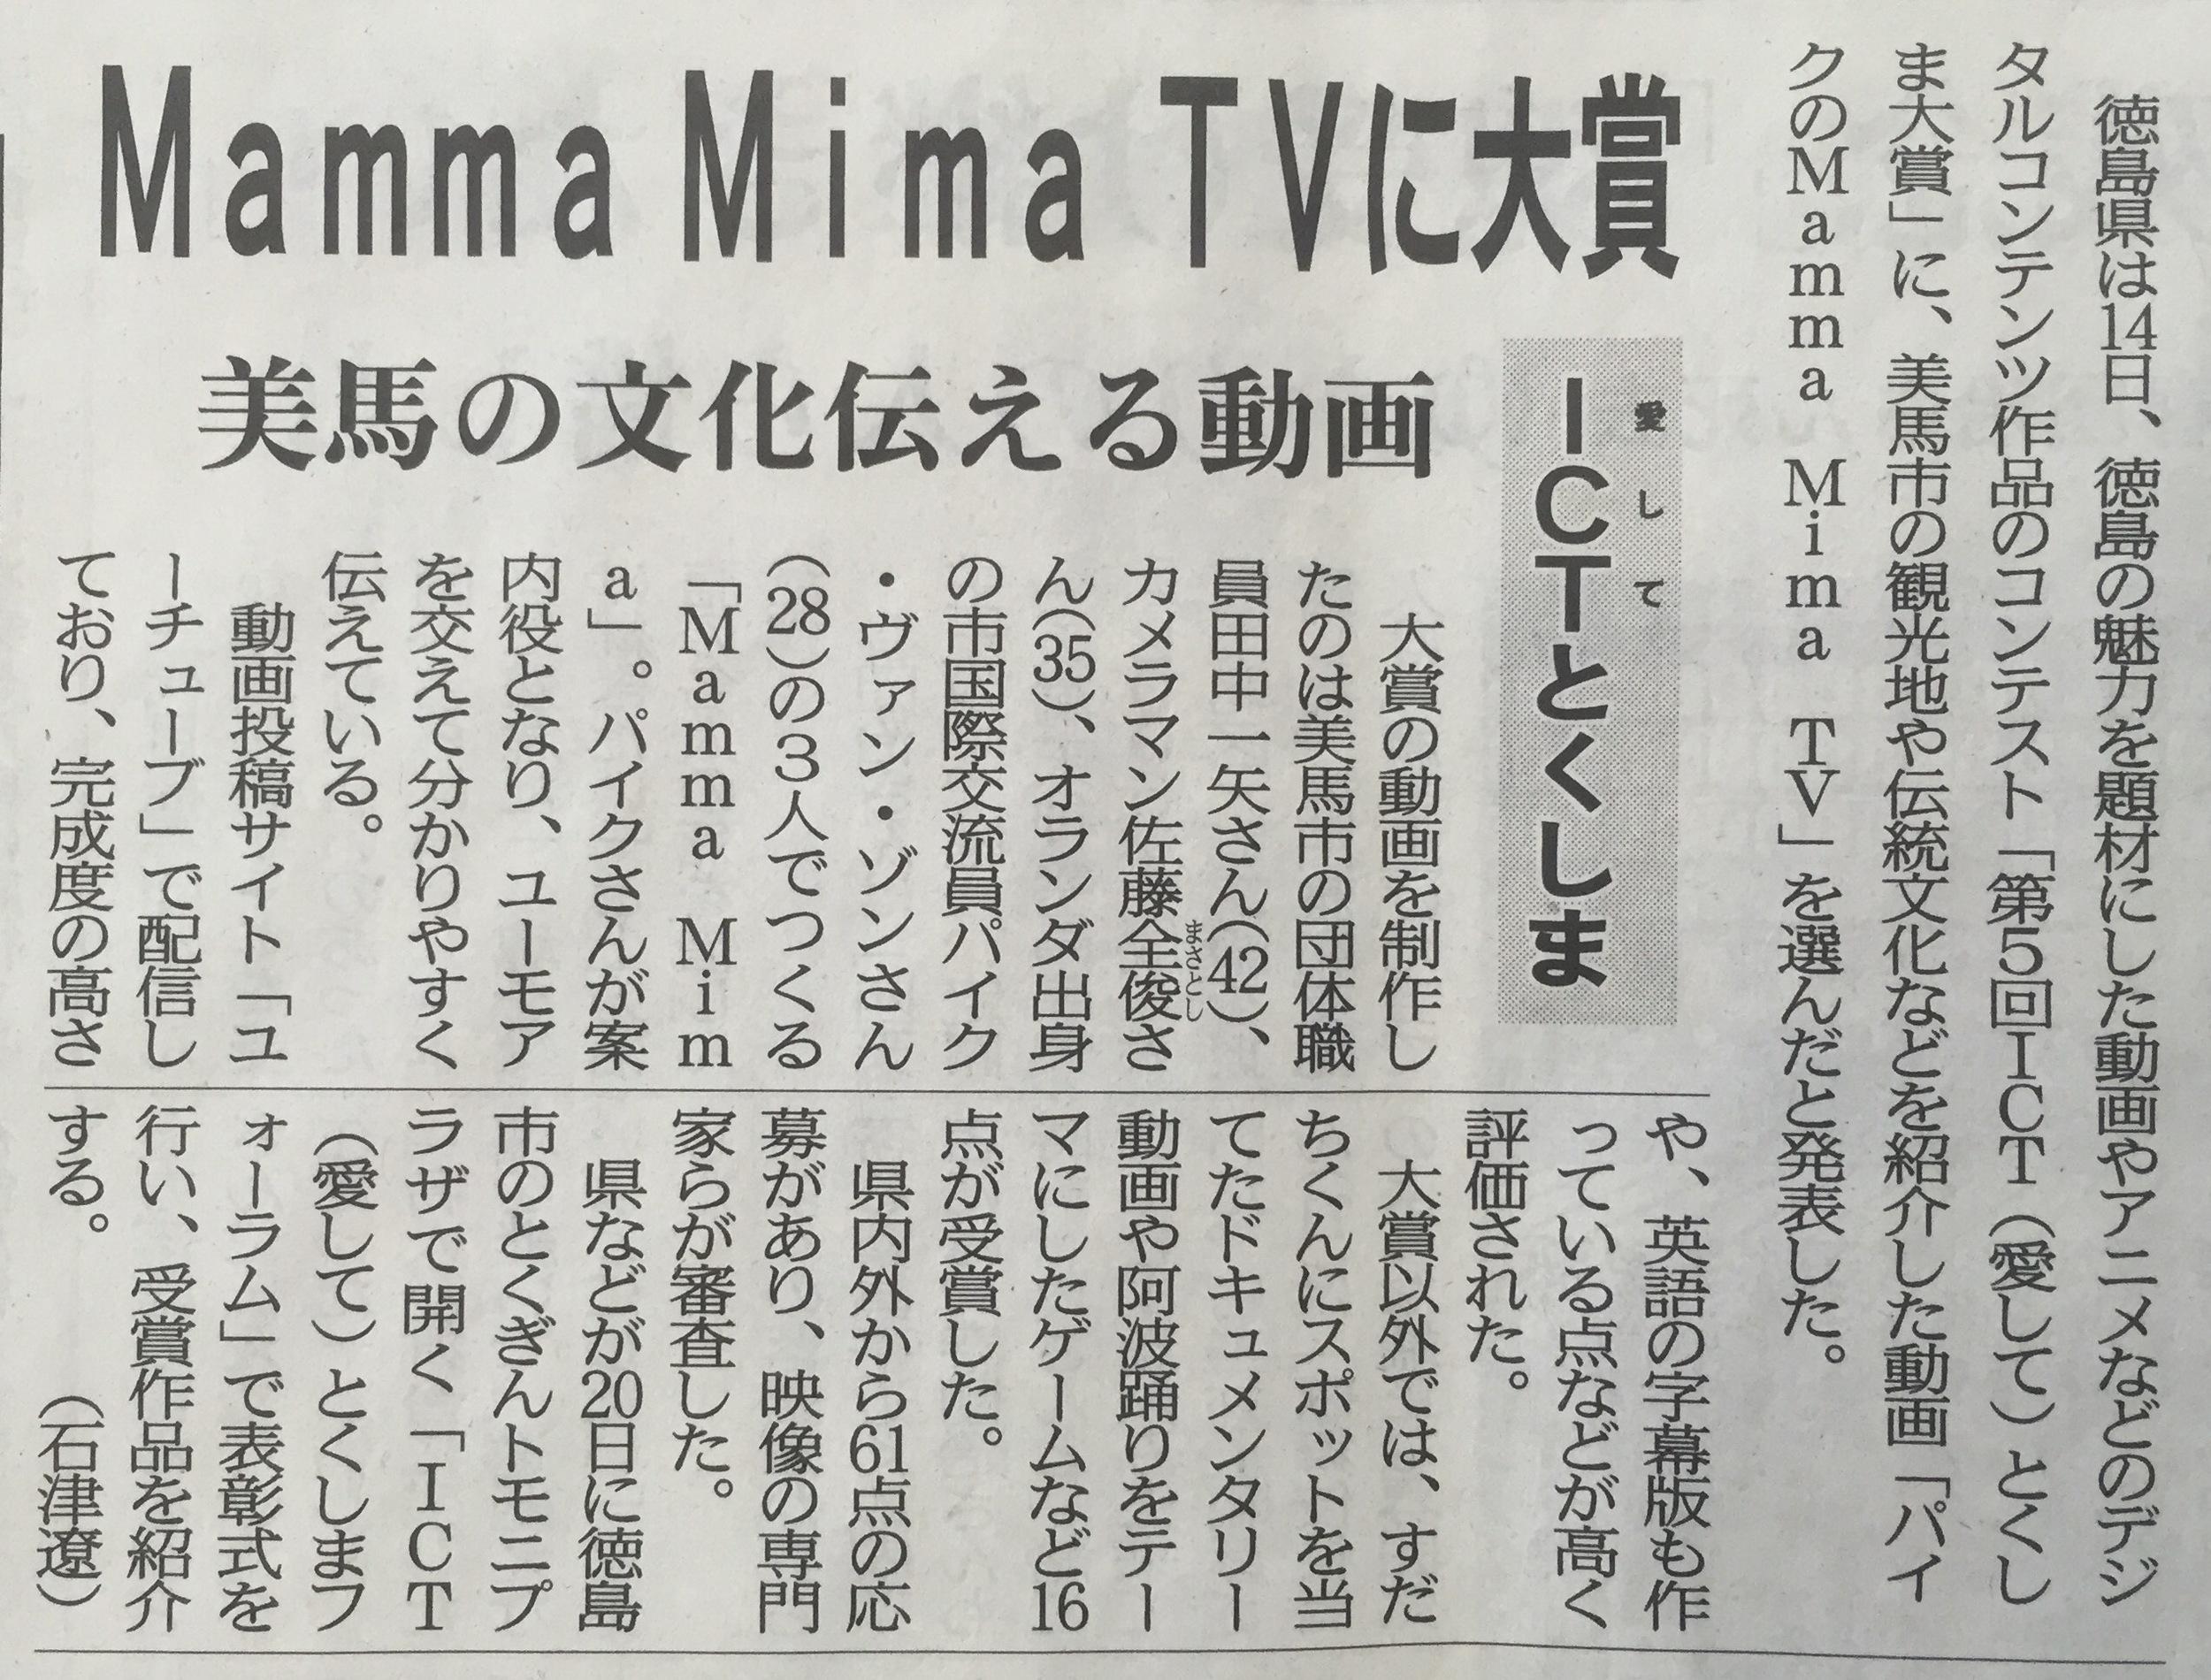 Tokushima Shimbun newspaper, 20150115